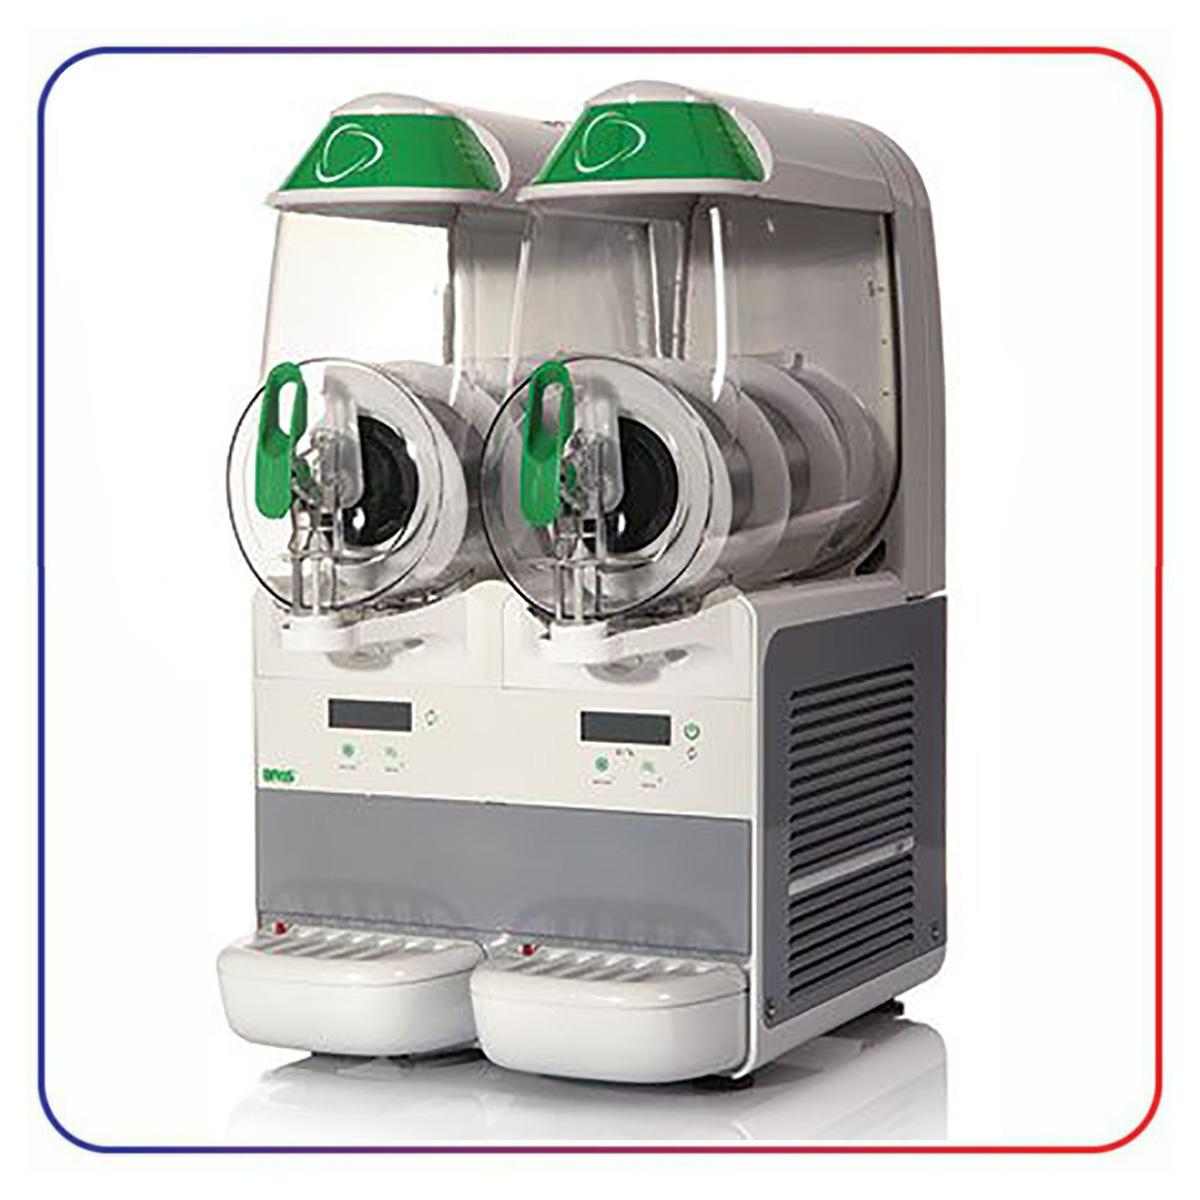 دستگاه یخ در بهشت براس اسمارت 2 مخزنه BRAS B-FROZEN 10.2